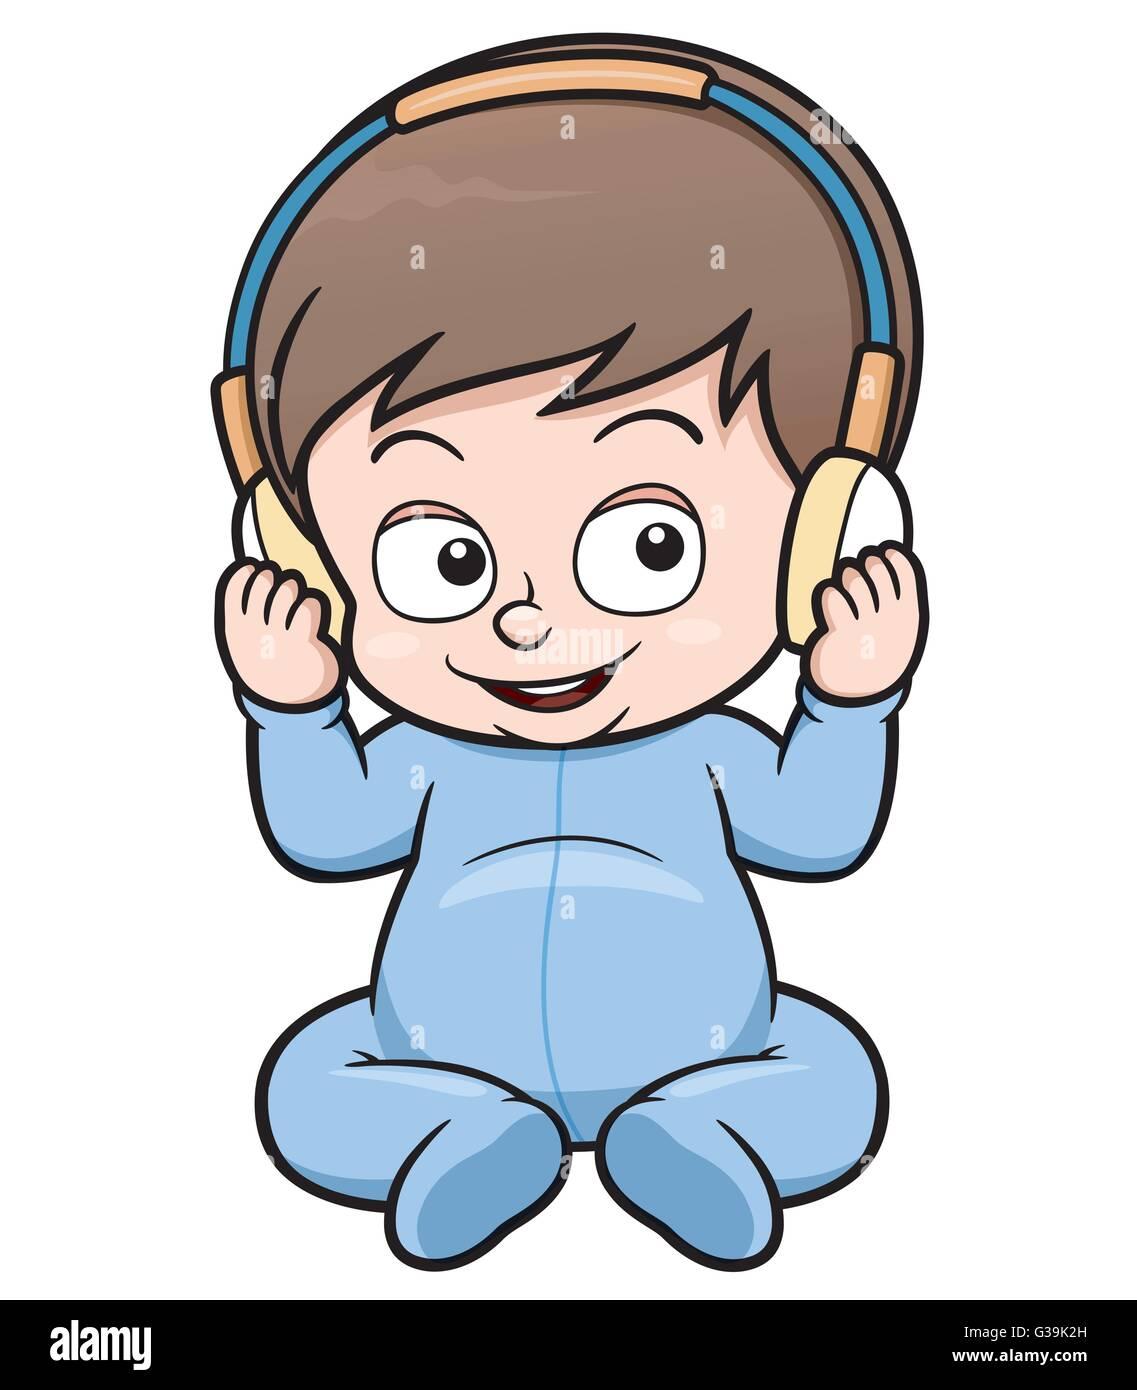 Ilustración Vectorial De Dibujos Animados Para Bebés Ilustración Del